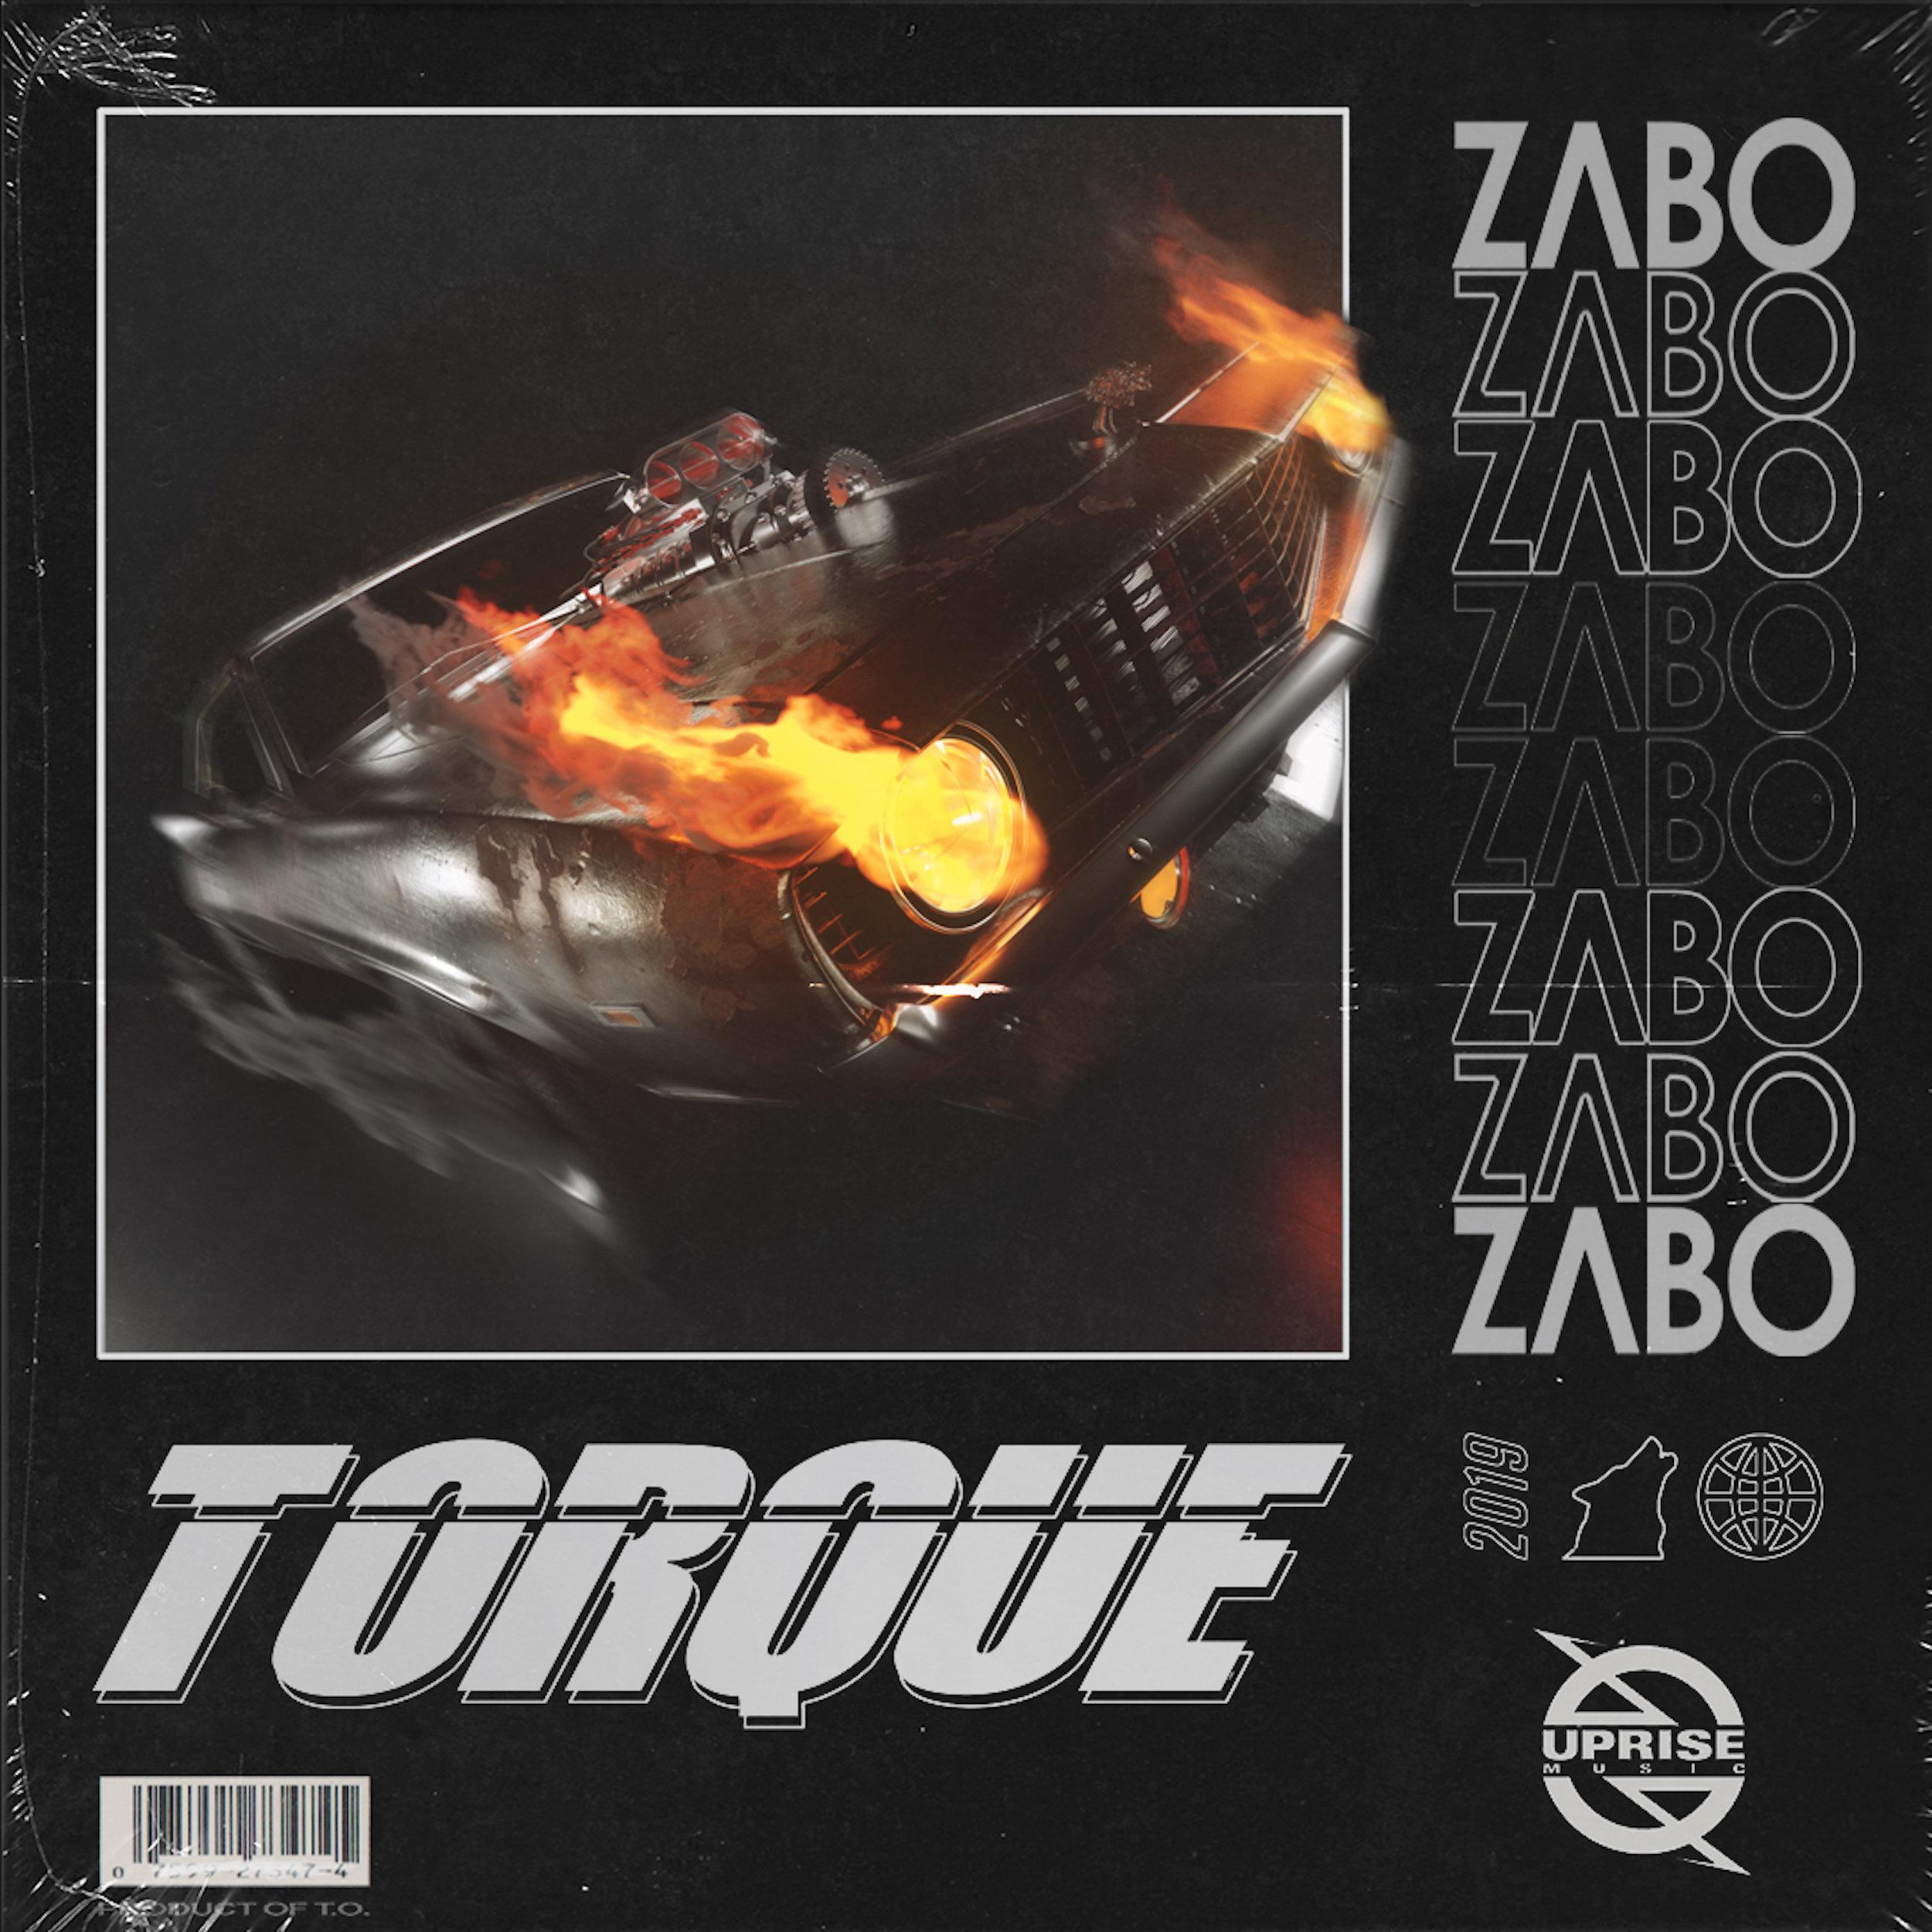 ZABO - Torque